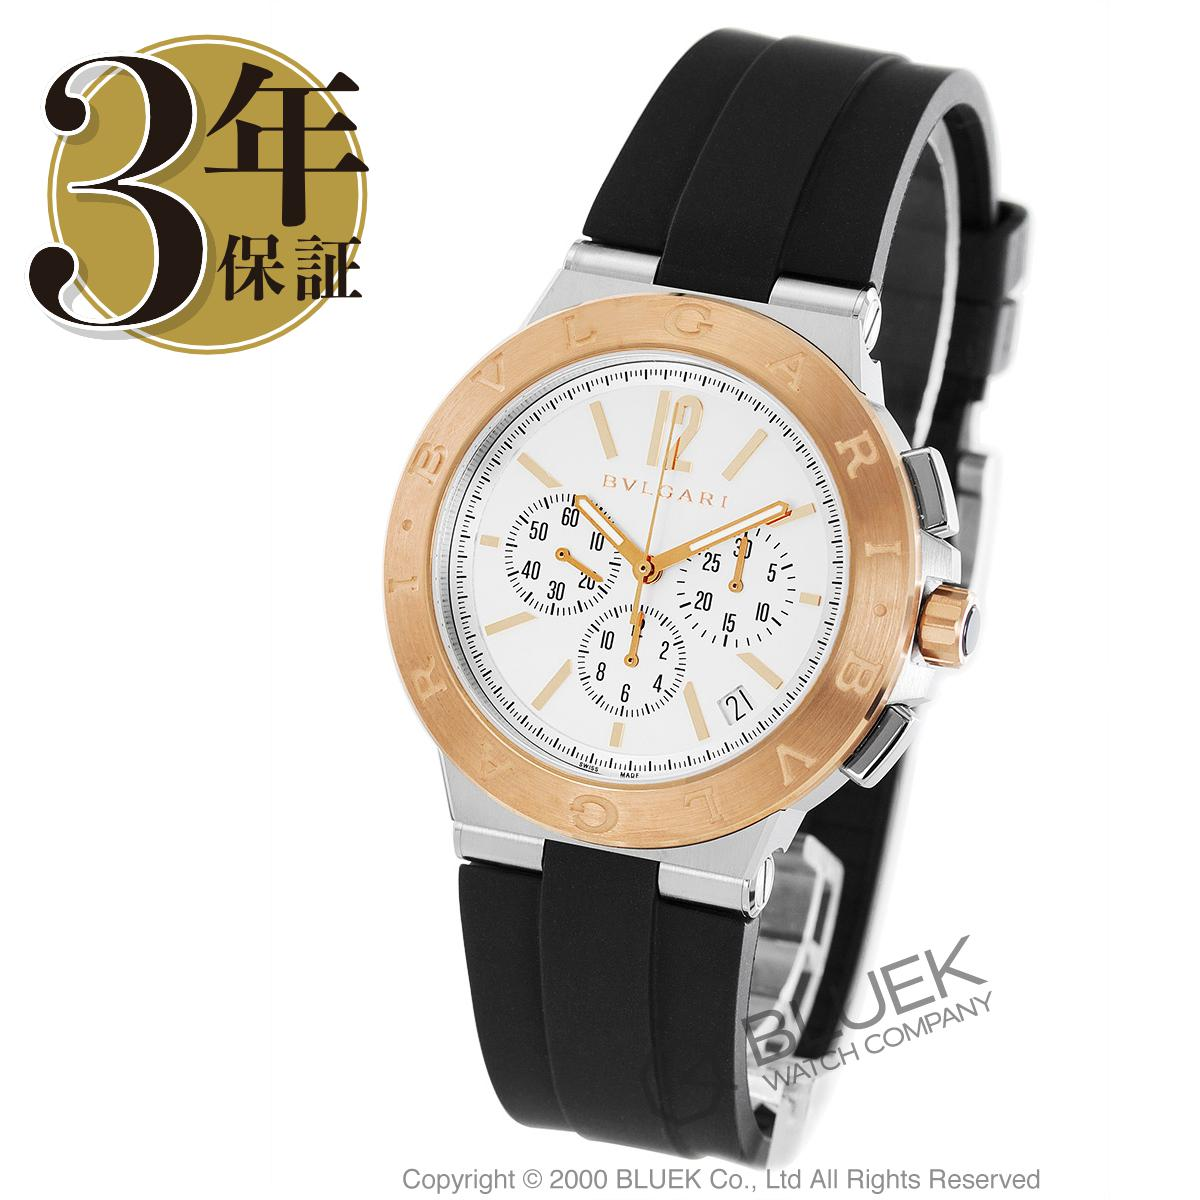 ブルガリ ディアゴノ ヴェロチッシモ クロノグラフ 腕時計 メンズ BVLGARI DG41WSPGVDCH_8